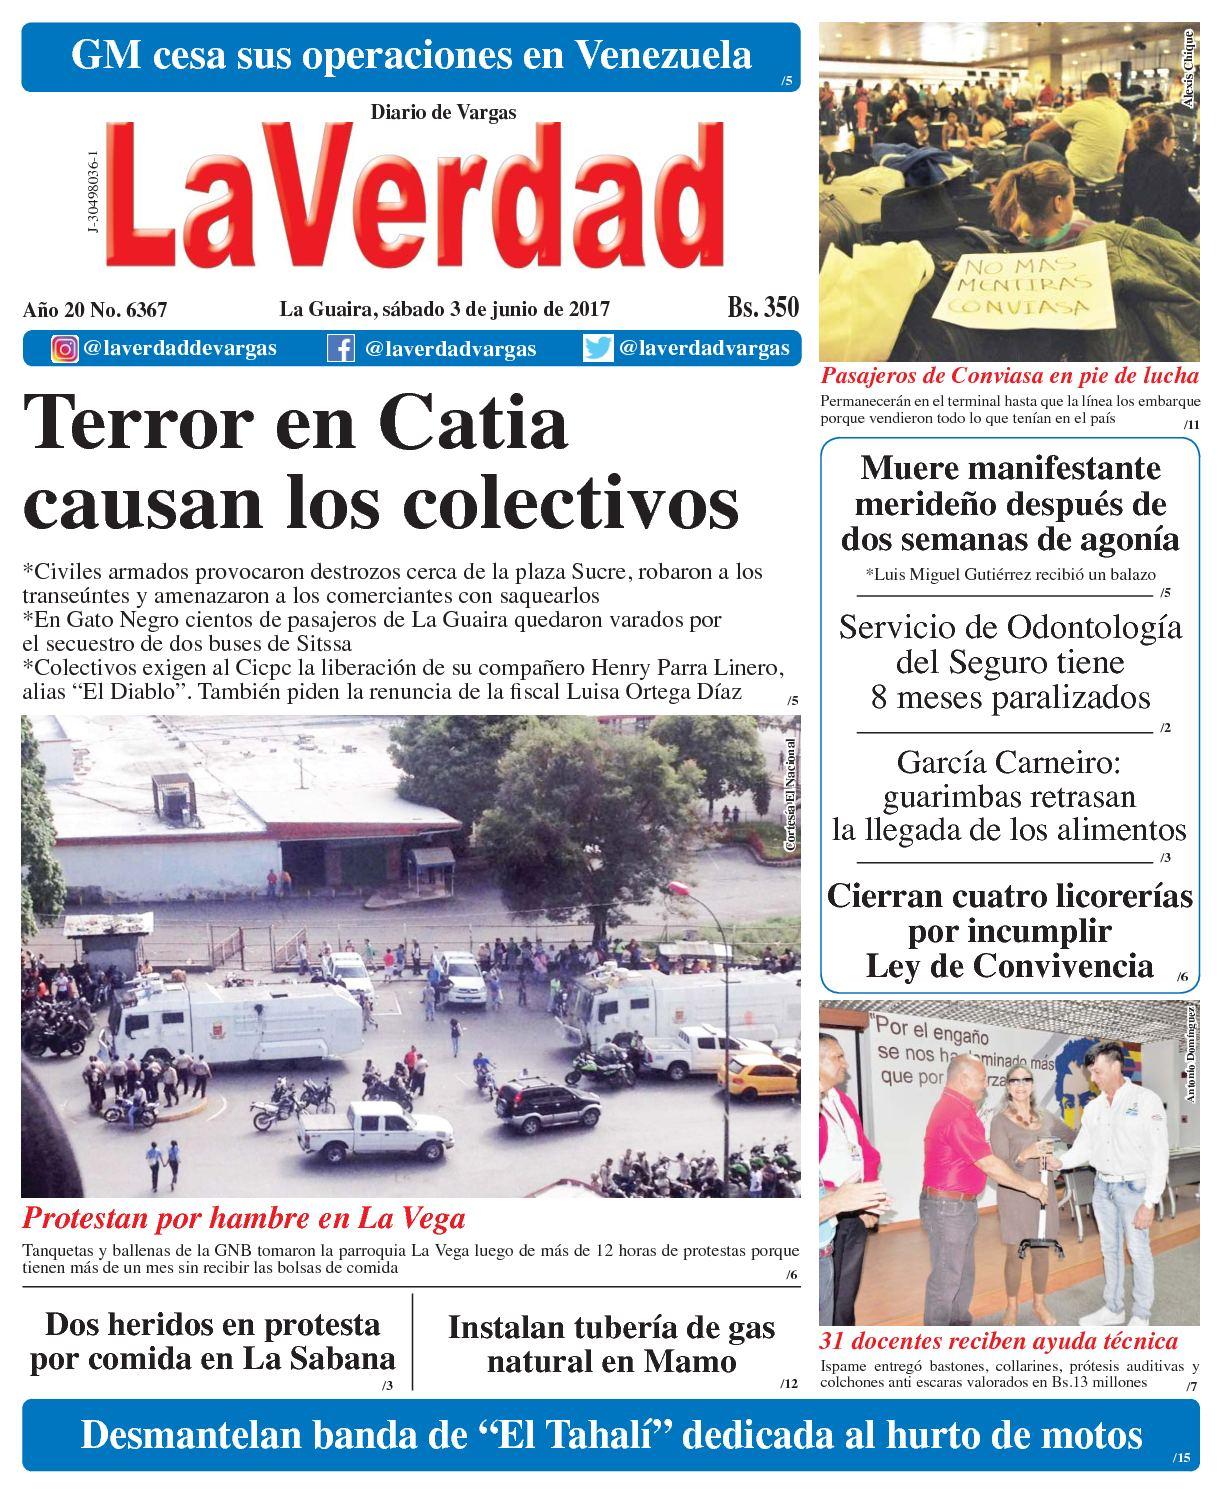 La Guaira, sábado 03 de junio de 2017 Año 20 No. 6367 pdf